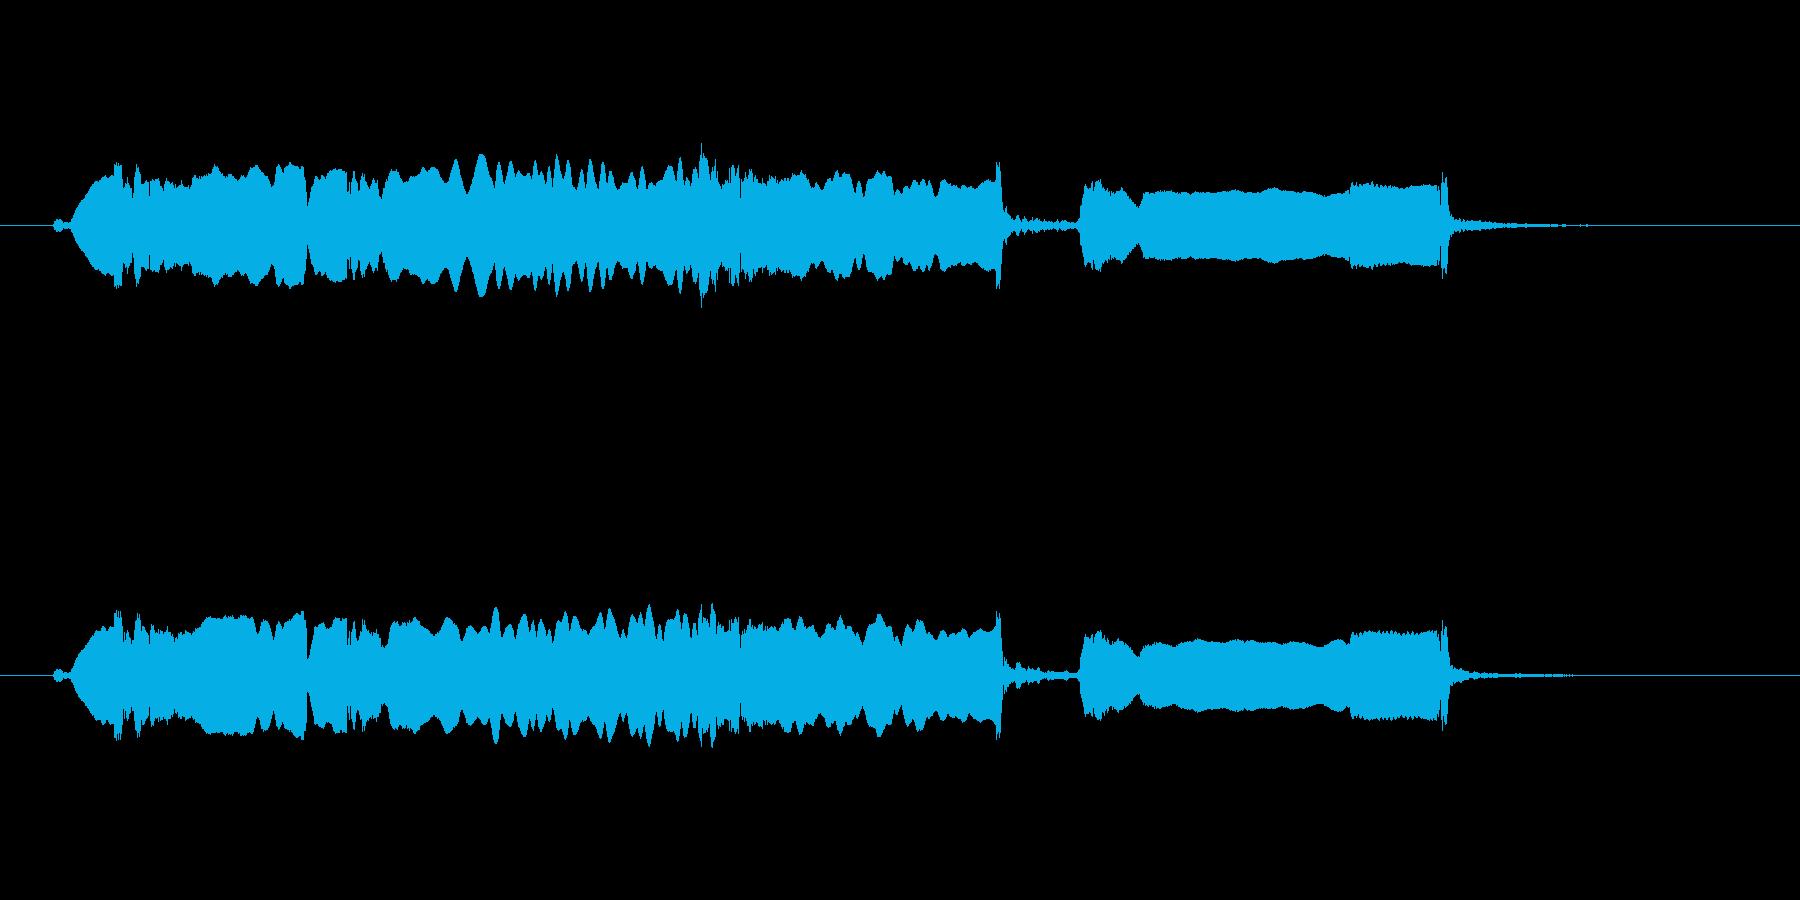 和風 篠笛生演奏のジングル02の再生済みの波形